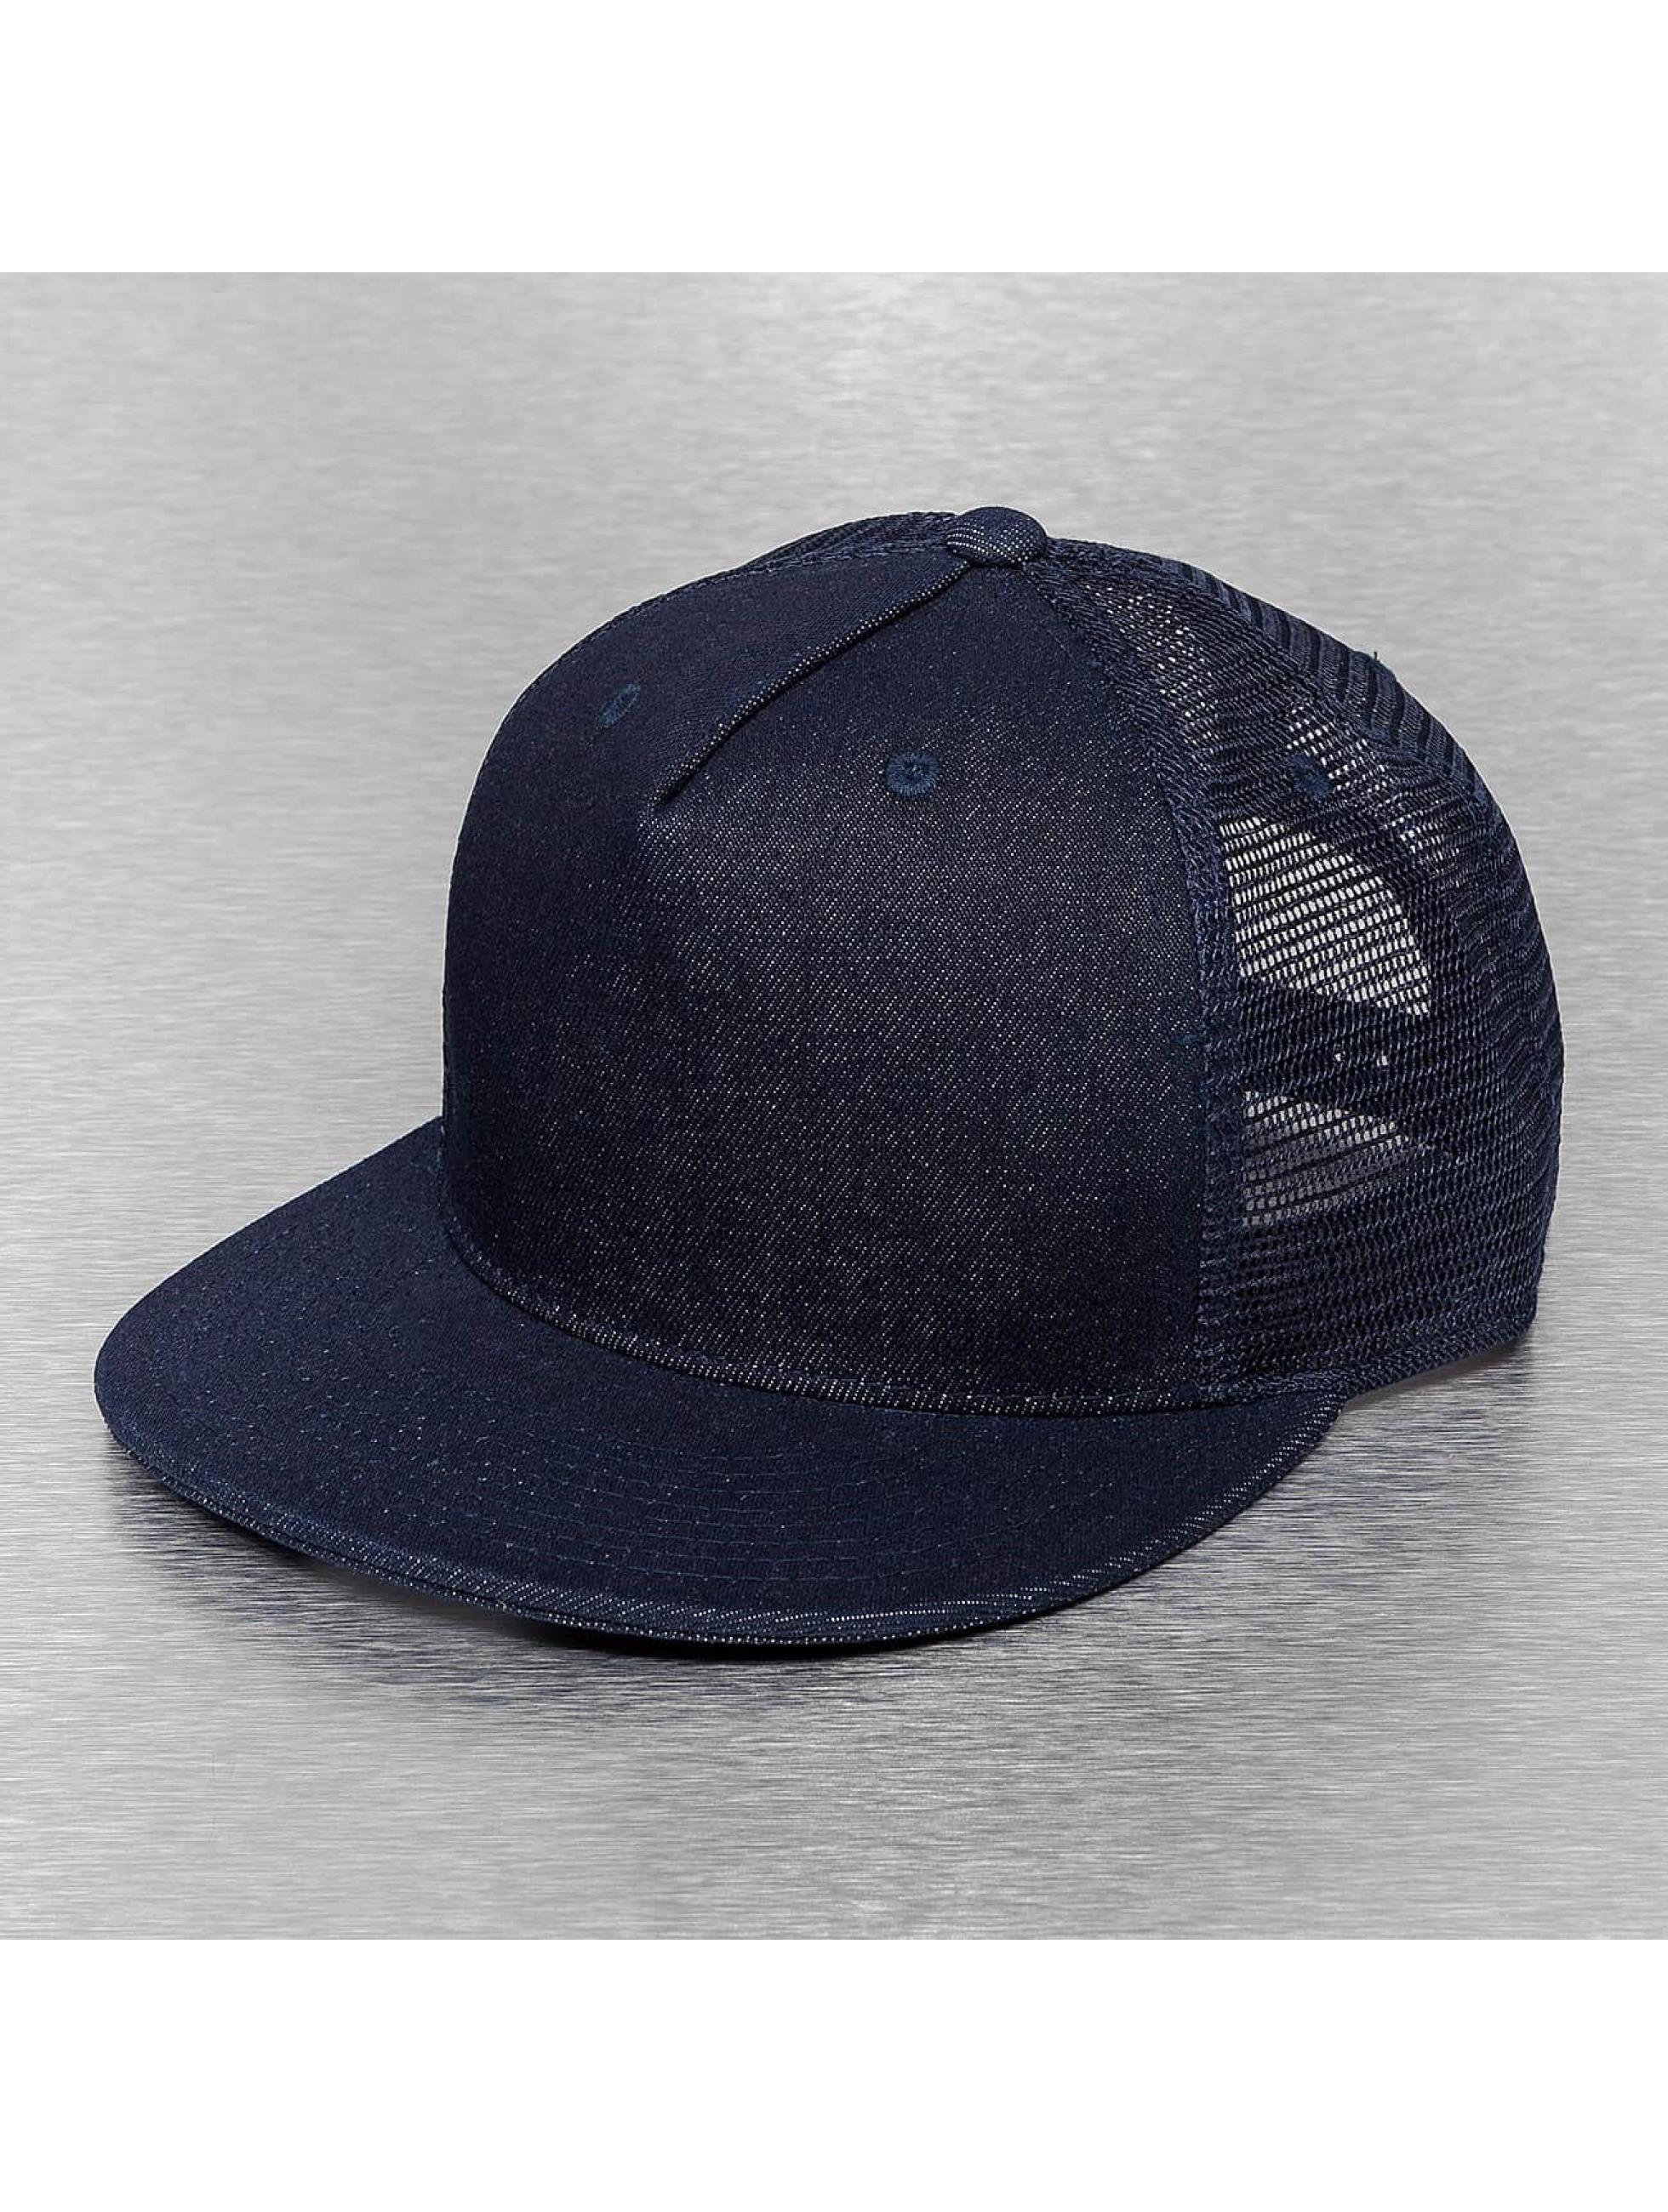 Cap Crony trucker cap Denim blauw